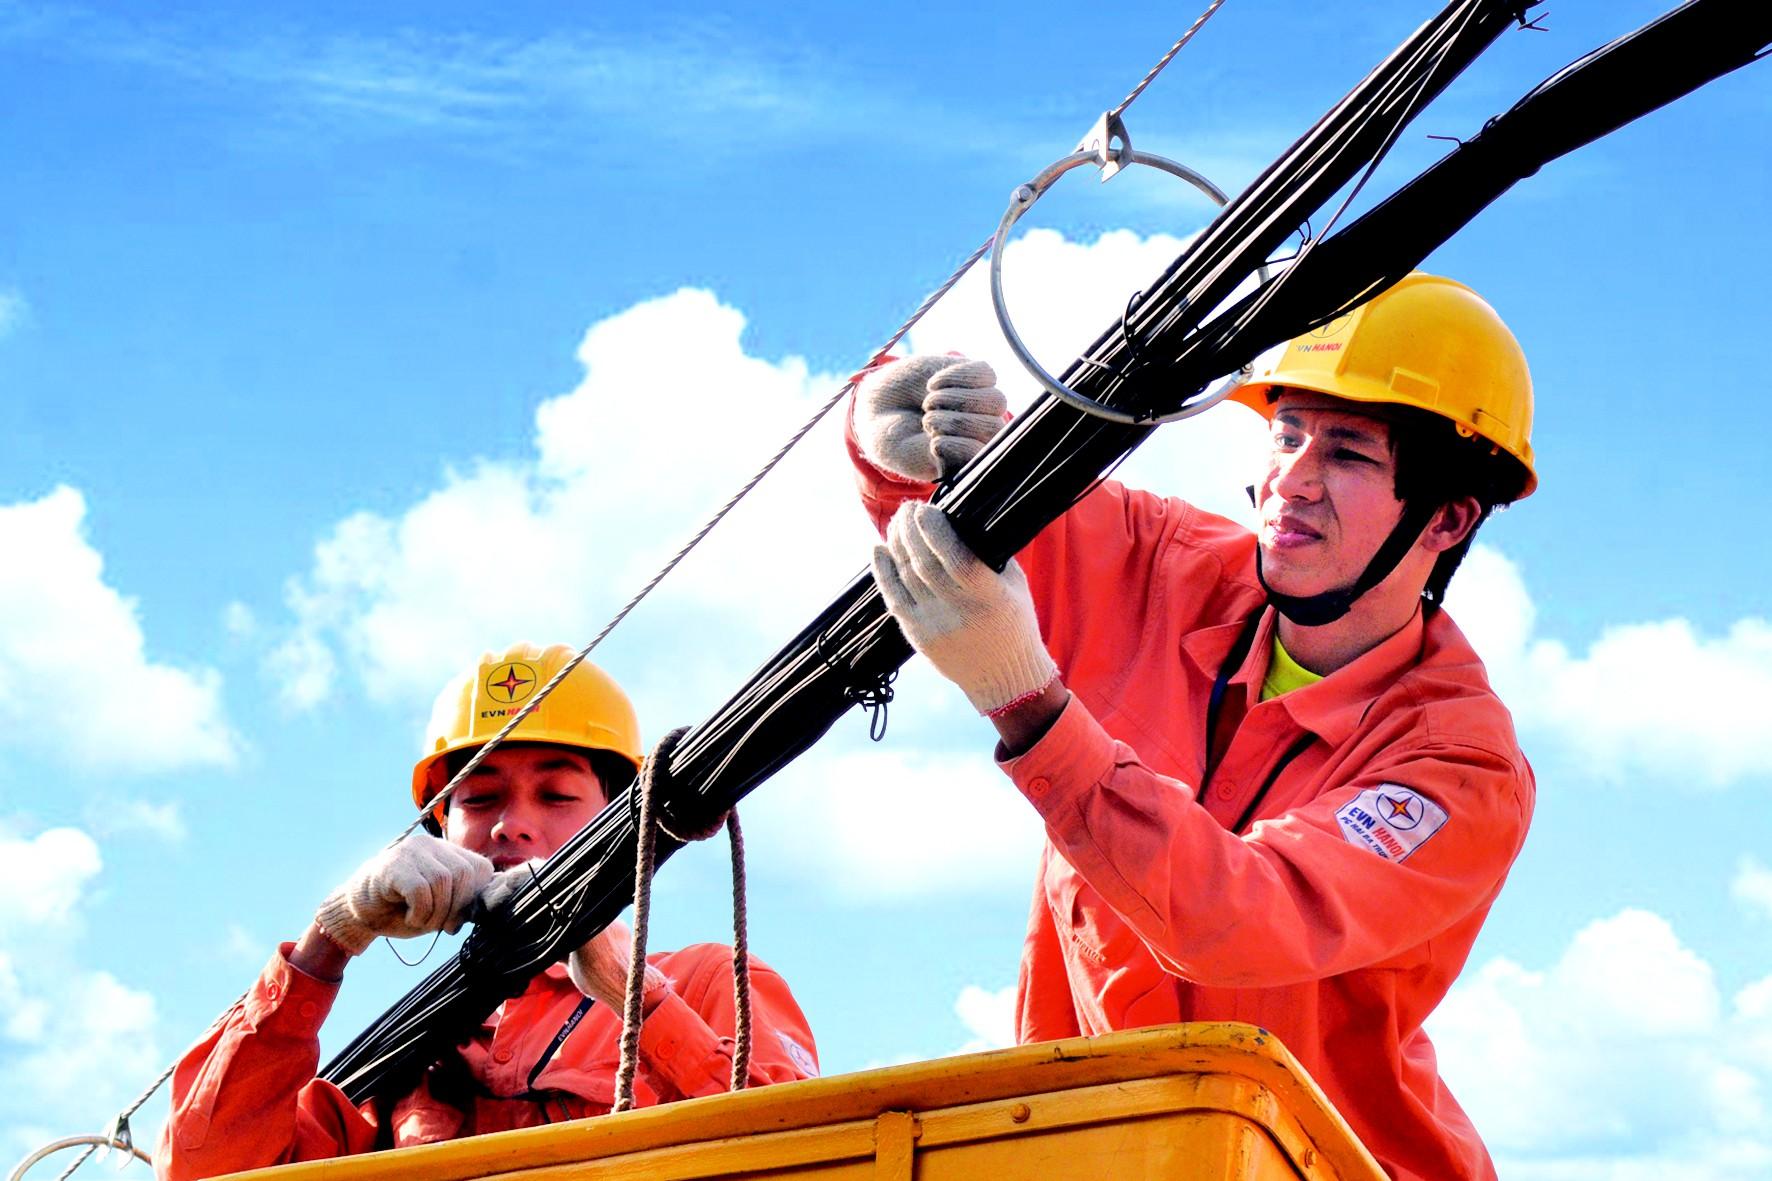 Phó Thủ tướng yêu cầu Bộ Công Thương đánh giá tác động của việc điều chỉnh giá điện - Ảnh 1.